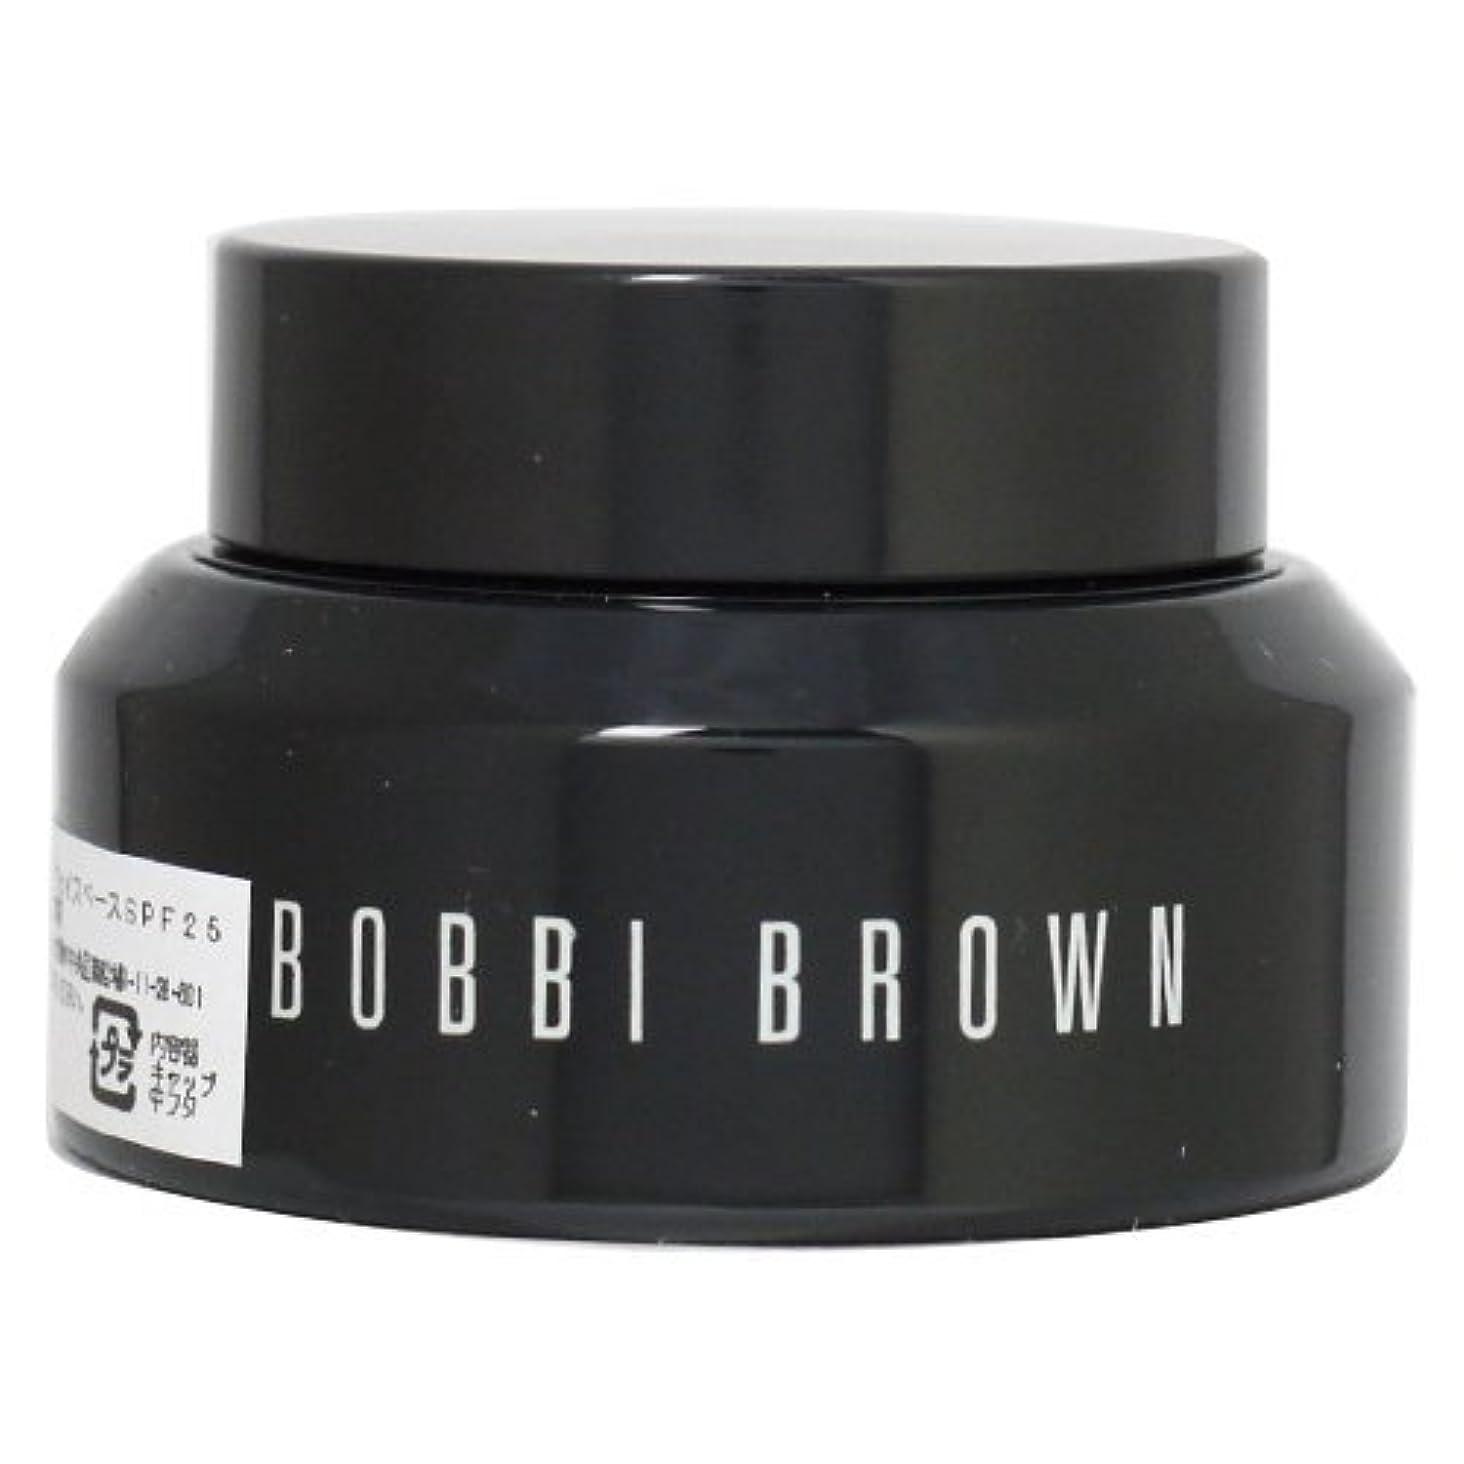 退屈させる後者自我ボビーブラウン(BOBBI BROWN) イルミネイティング フェイスベース 30ml[並行輸入品]